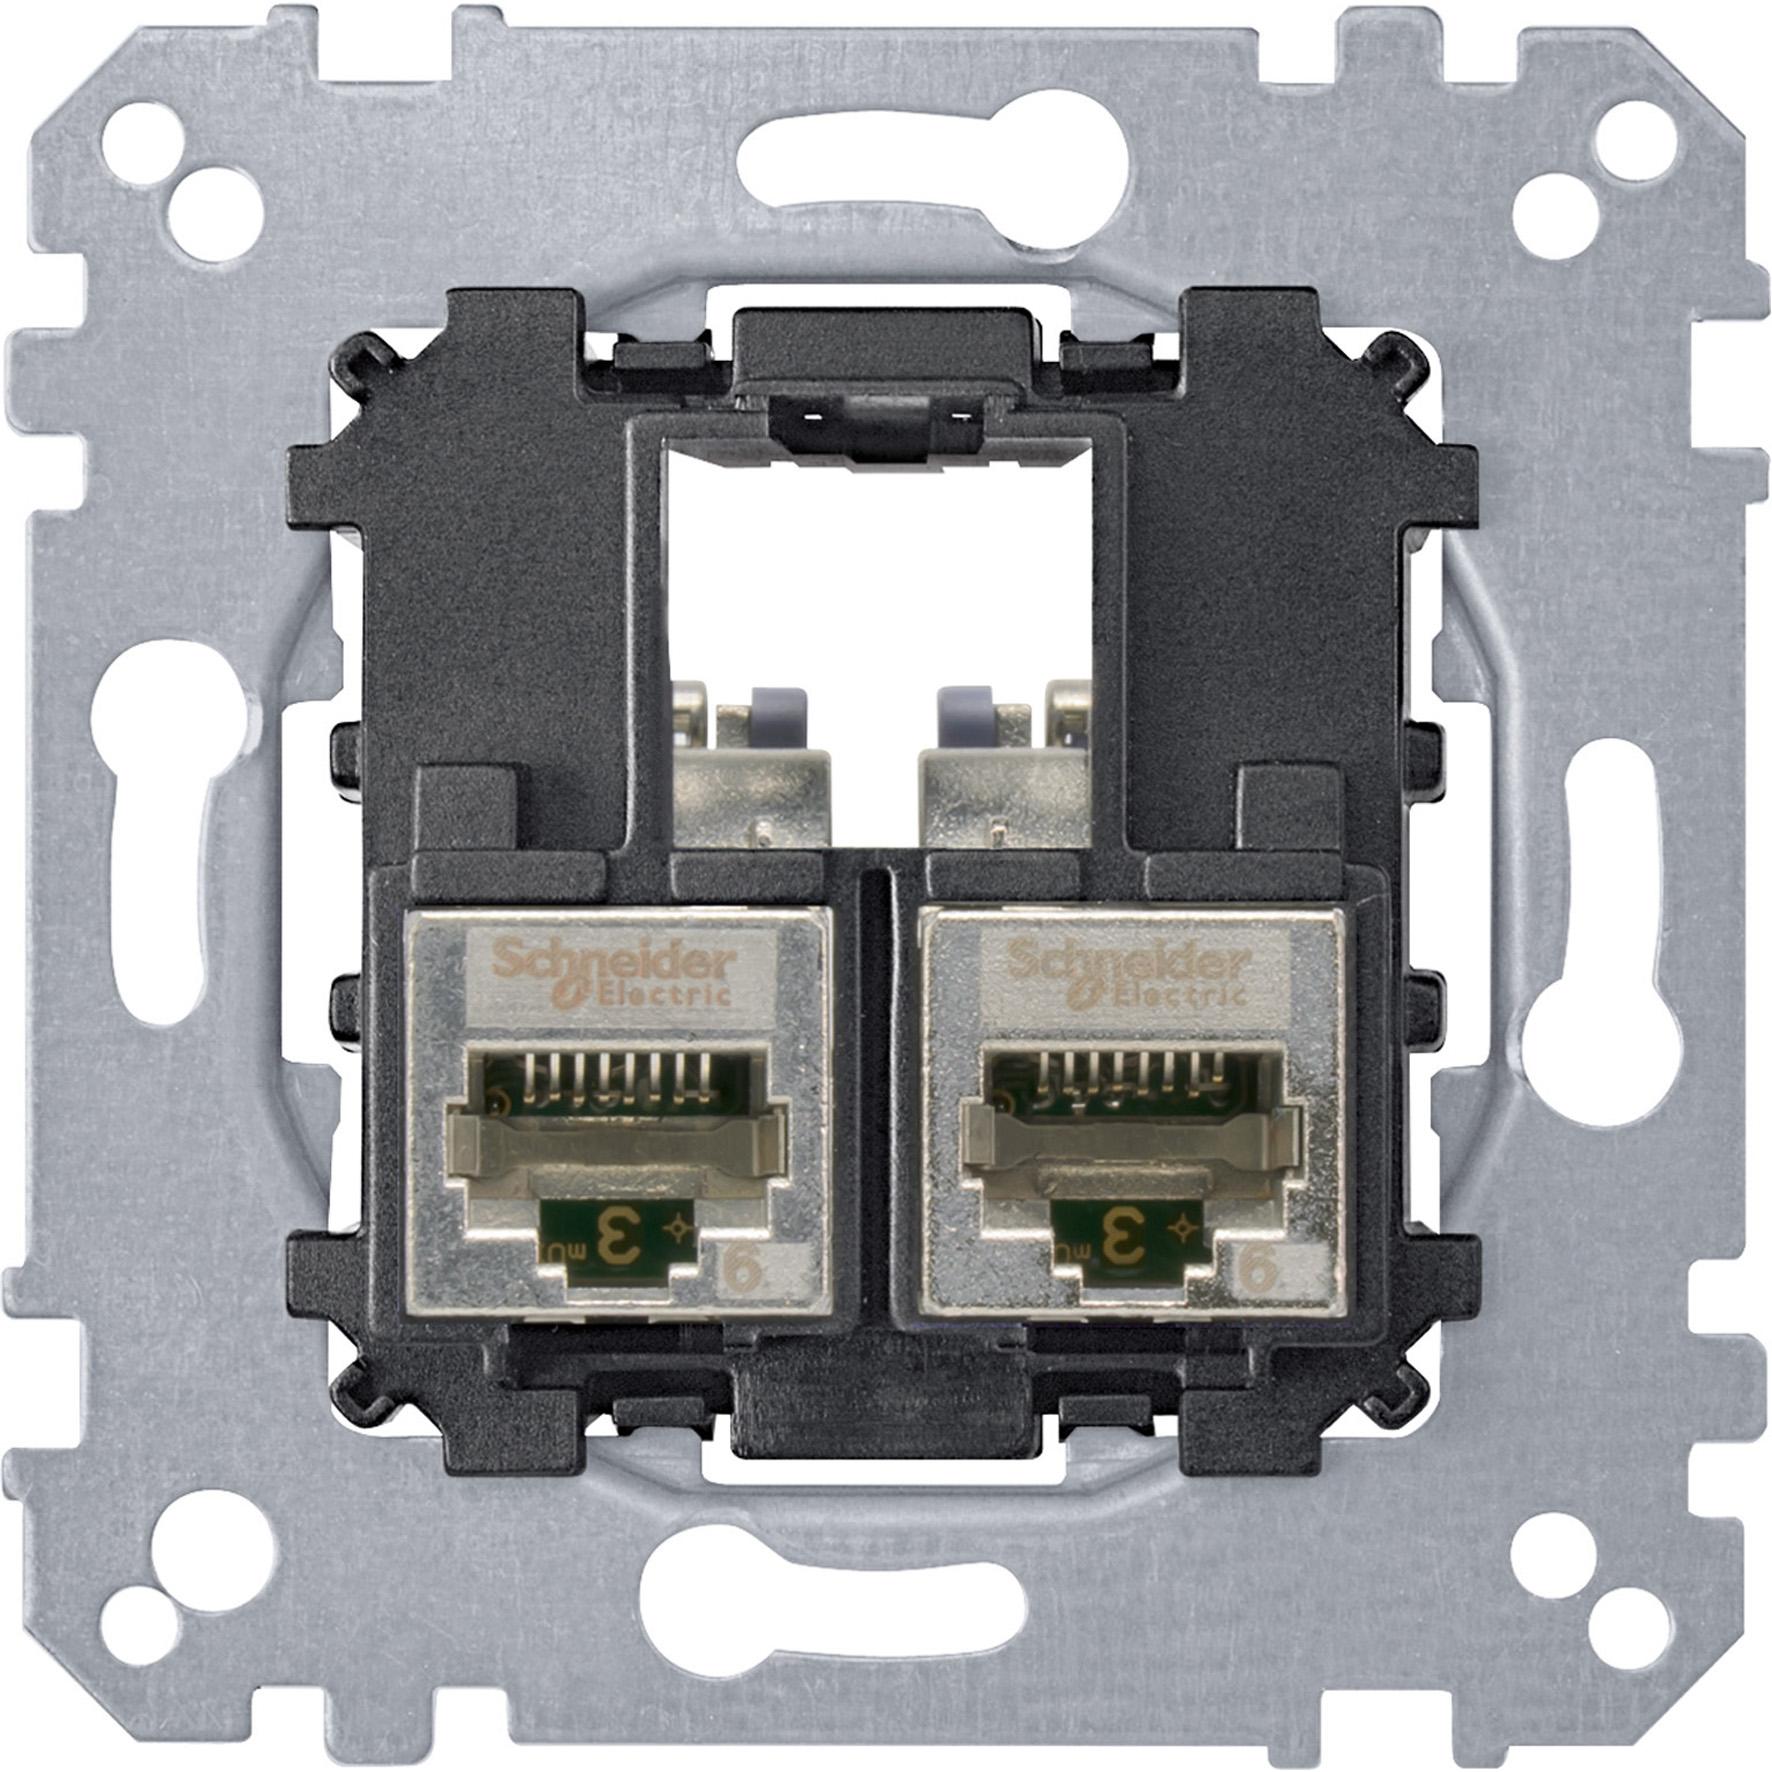 Schneider-Merten draagplaat 2-voudig voor UTP RJ45 cat 6A (MTN4576-0022)